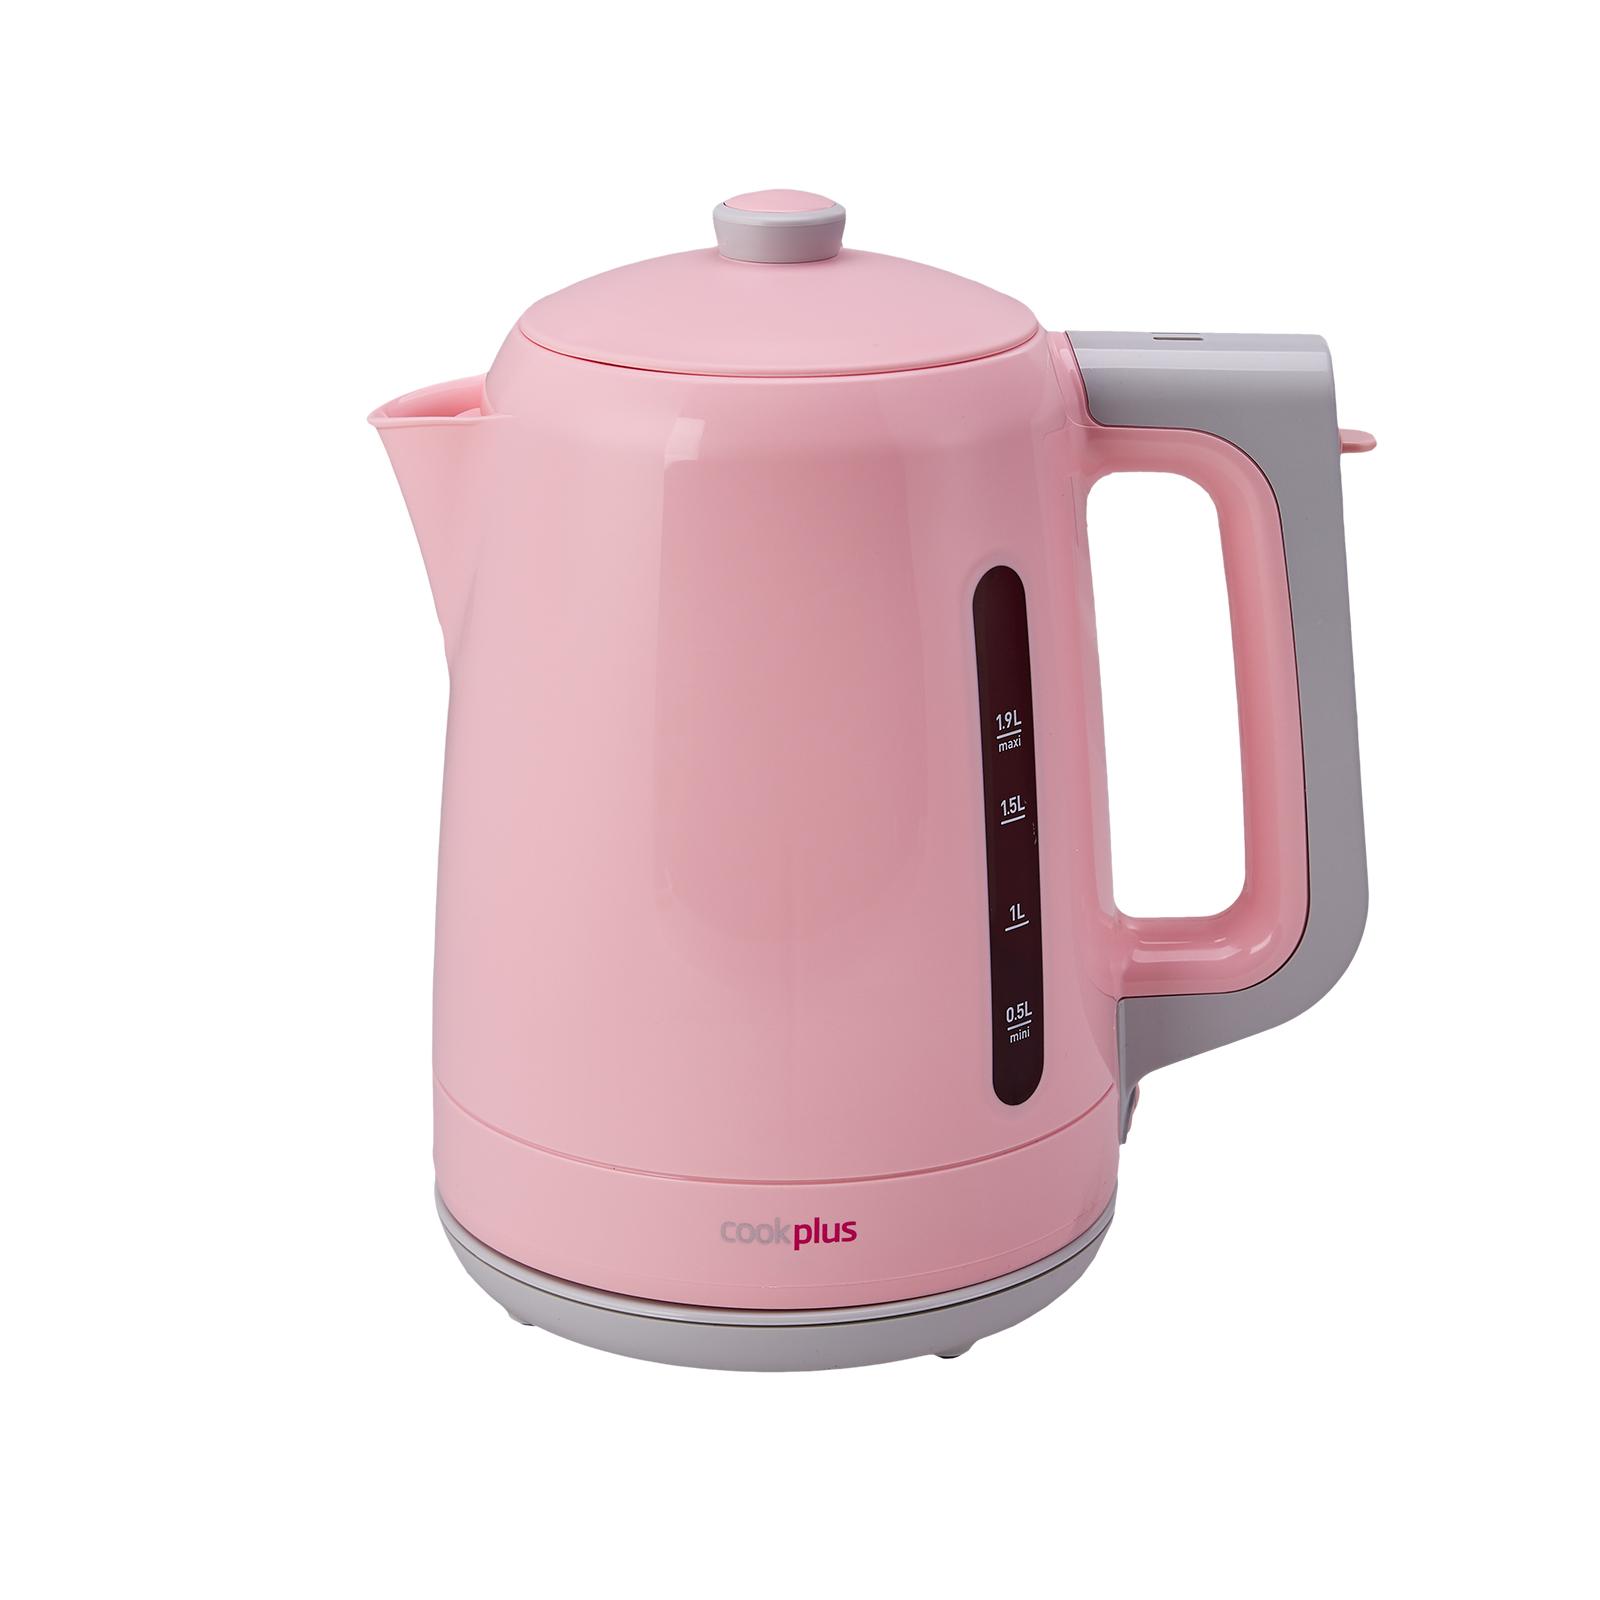 Cookplus Tasarruflu Kettle Çay Makinesi